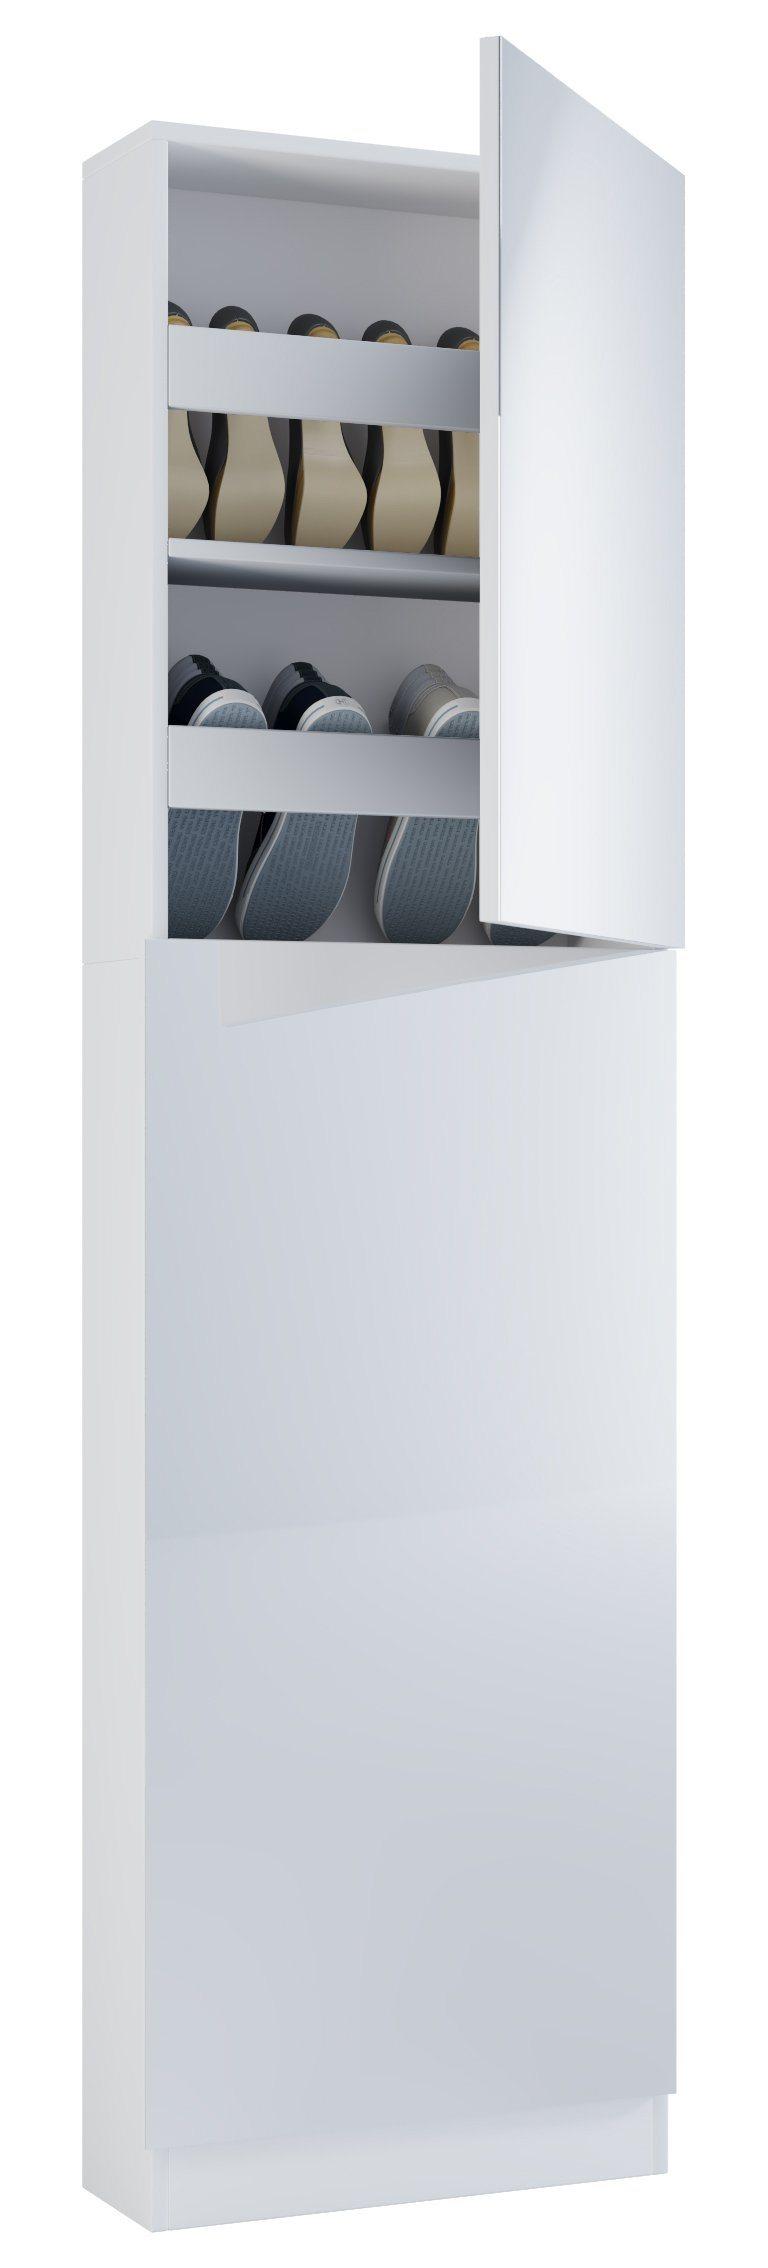 VCM Schuhschrank mit Spiegel ´´Fulas´´ | Flur & Diele > Schuhschränke und Kommoden > Schuhschränke | Sicherheitsglas - Metall - Nachbildung | VCM